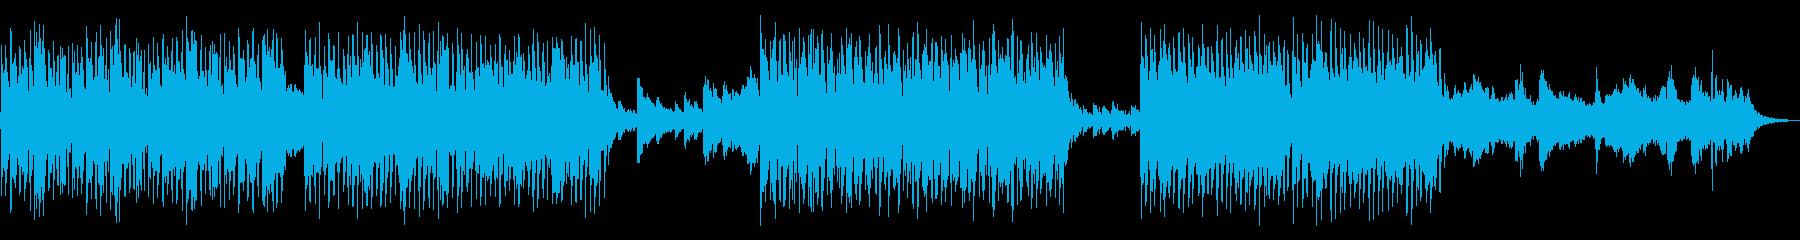 ガムランとシンセが融合したテクノの再生済みの波形